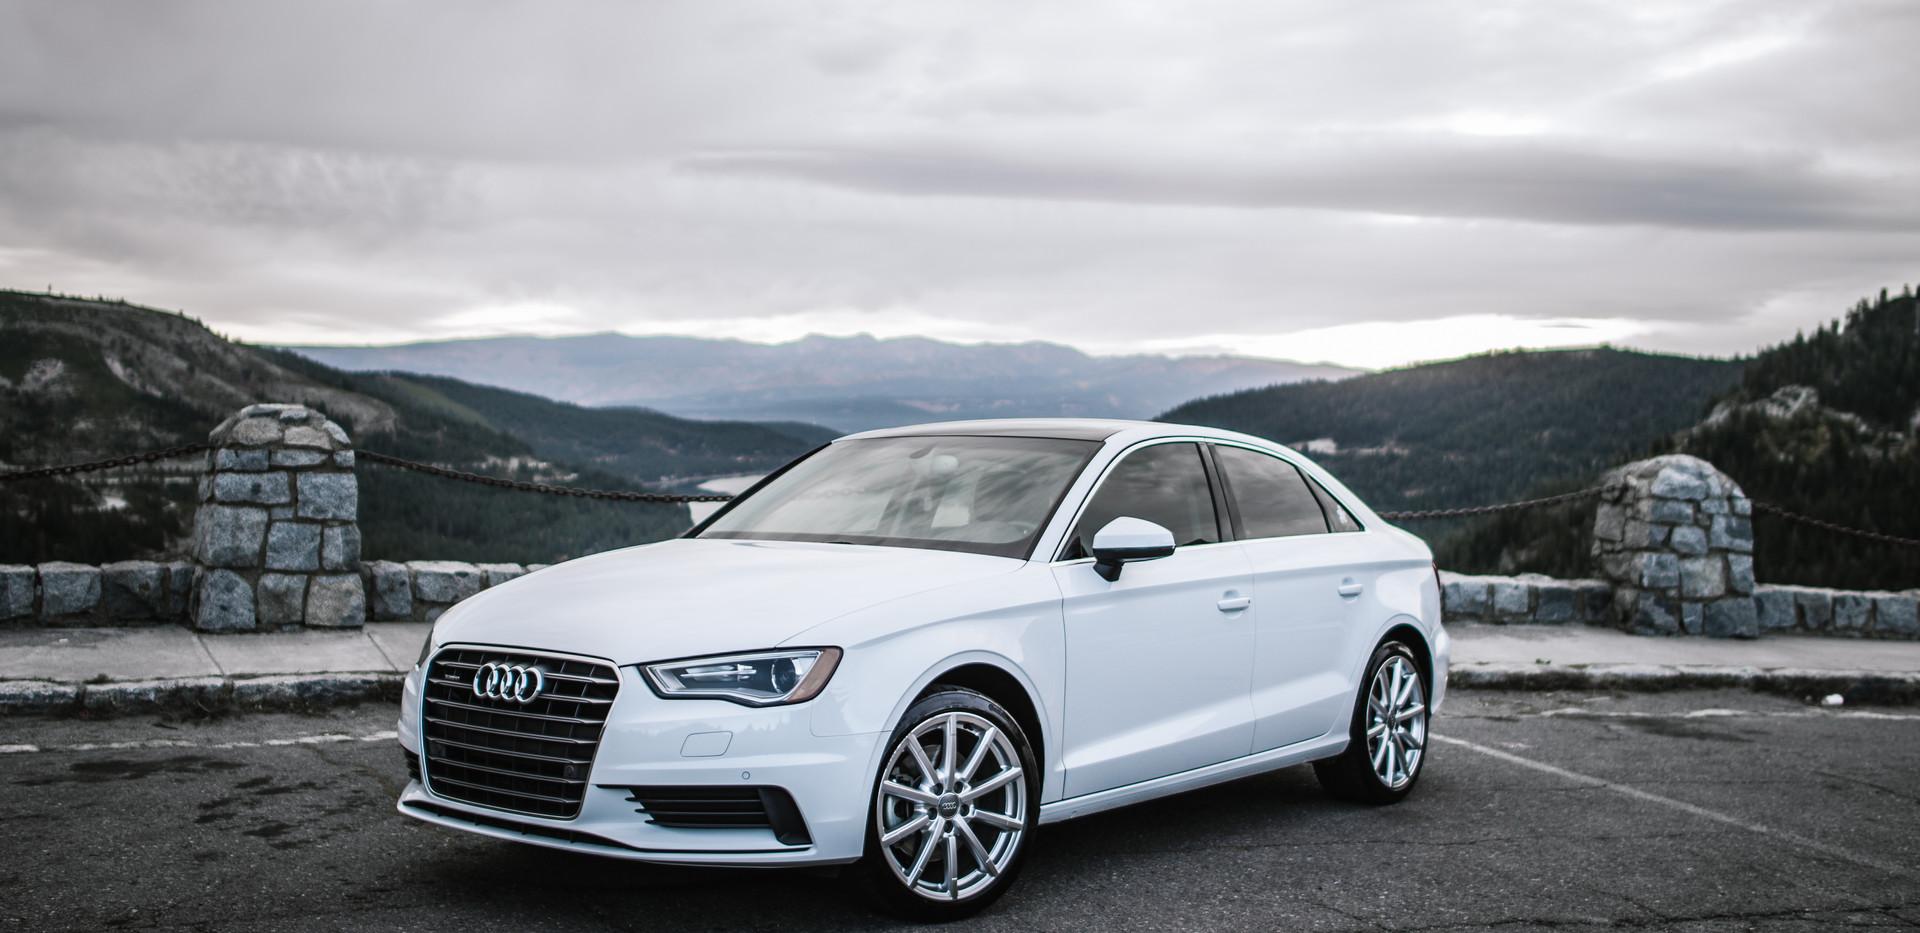 Audi A3 Premium Plus AWD